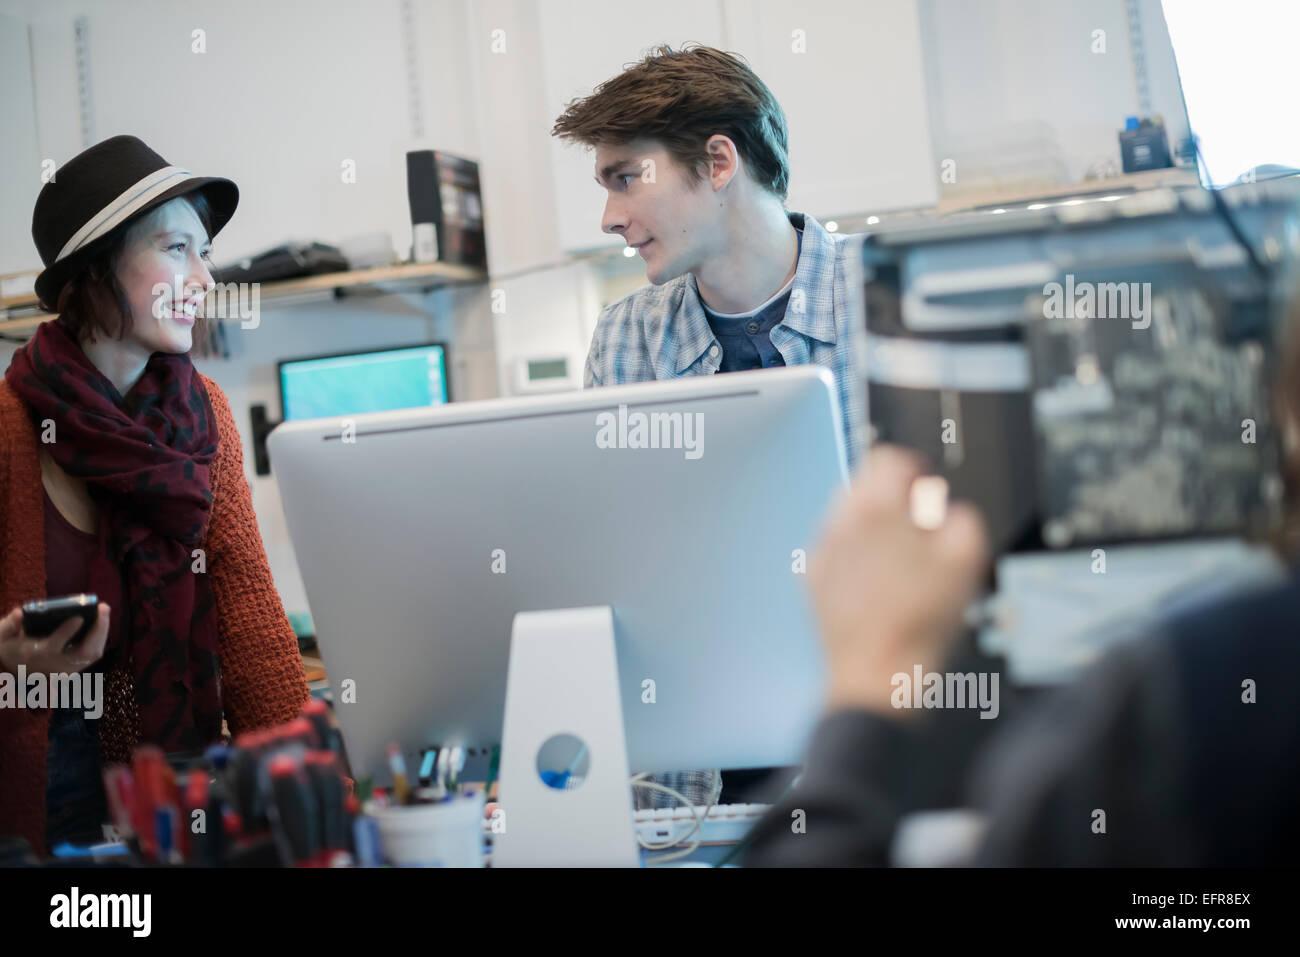 La riparazione di un computer Shop. Un uomo e una donna che parla su un computer. Immagini Stock